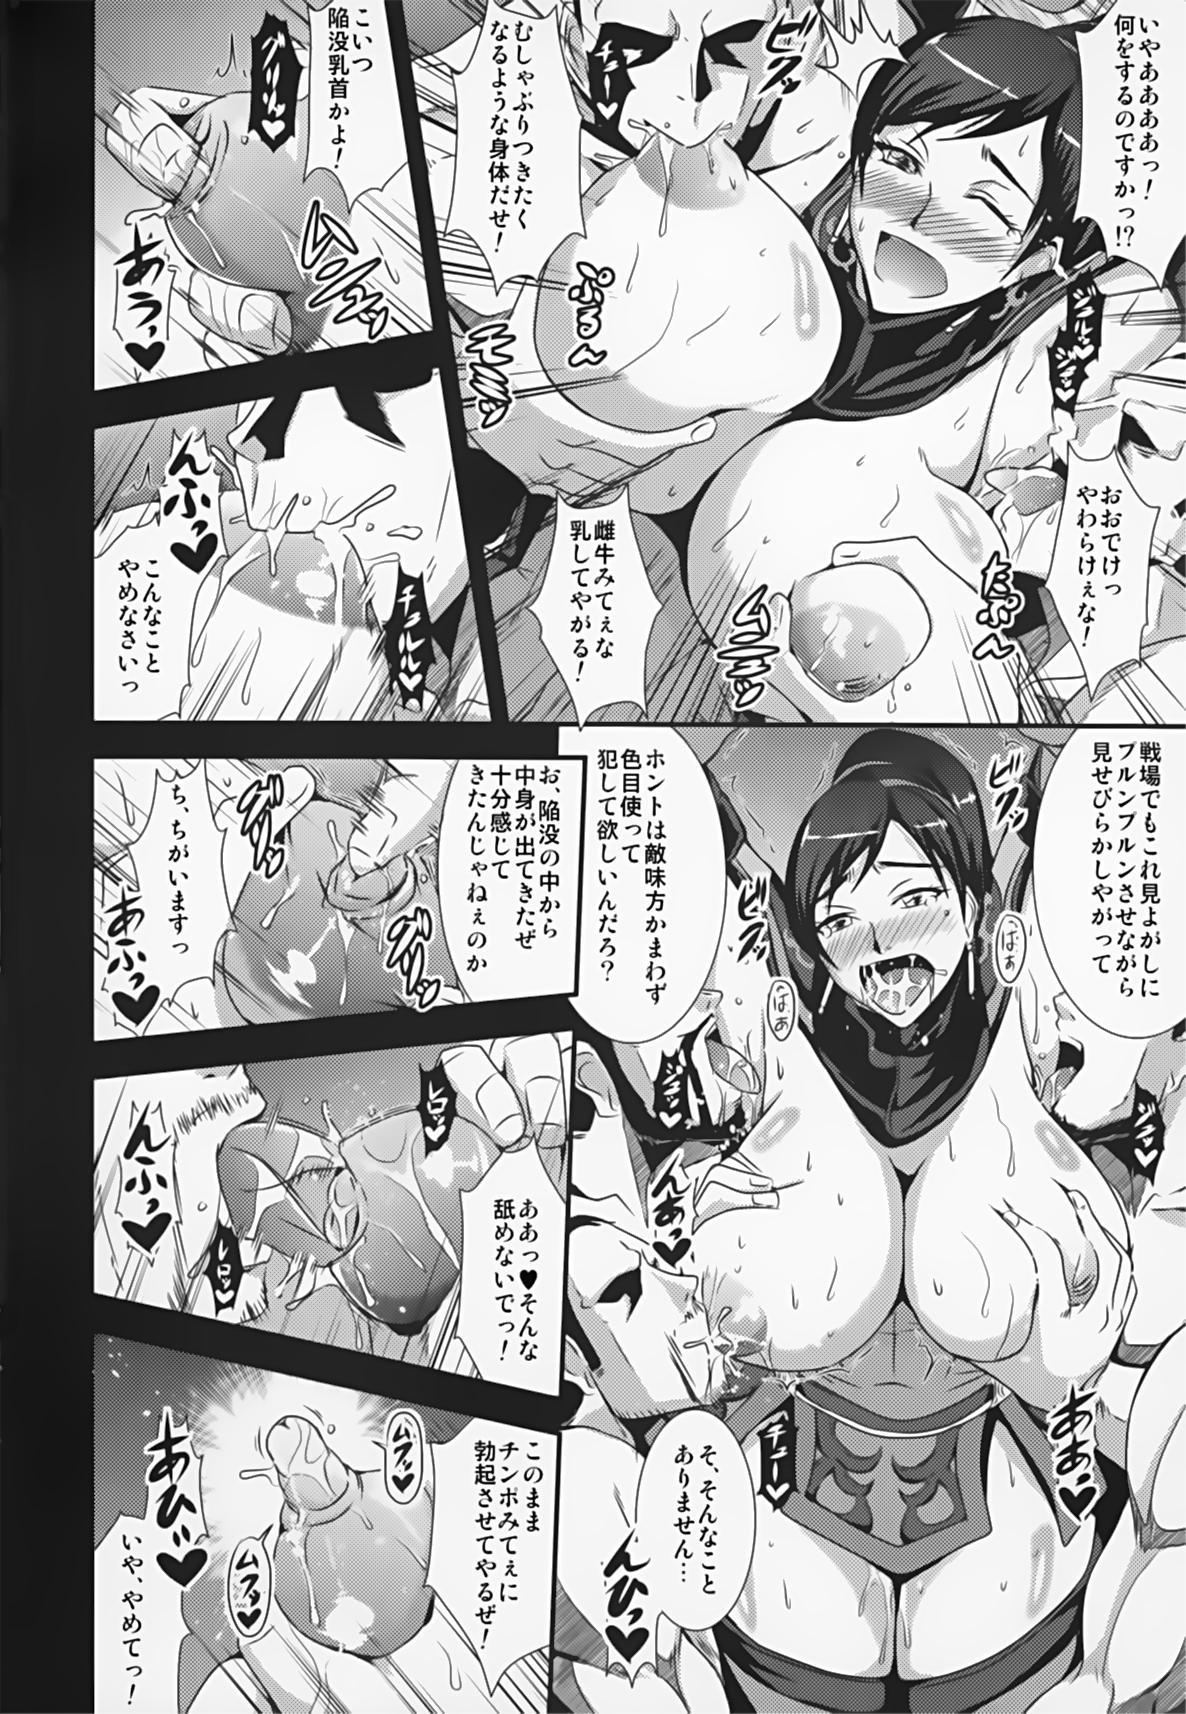 Gisho ・Renshiden 5